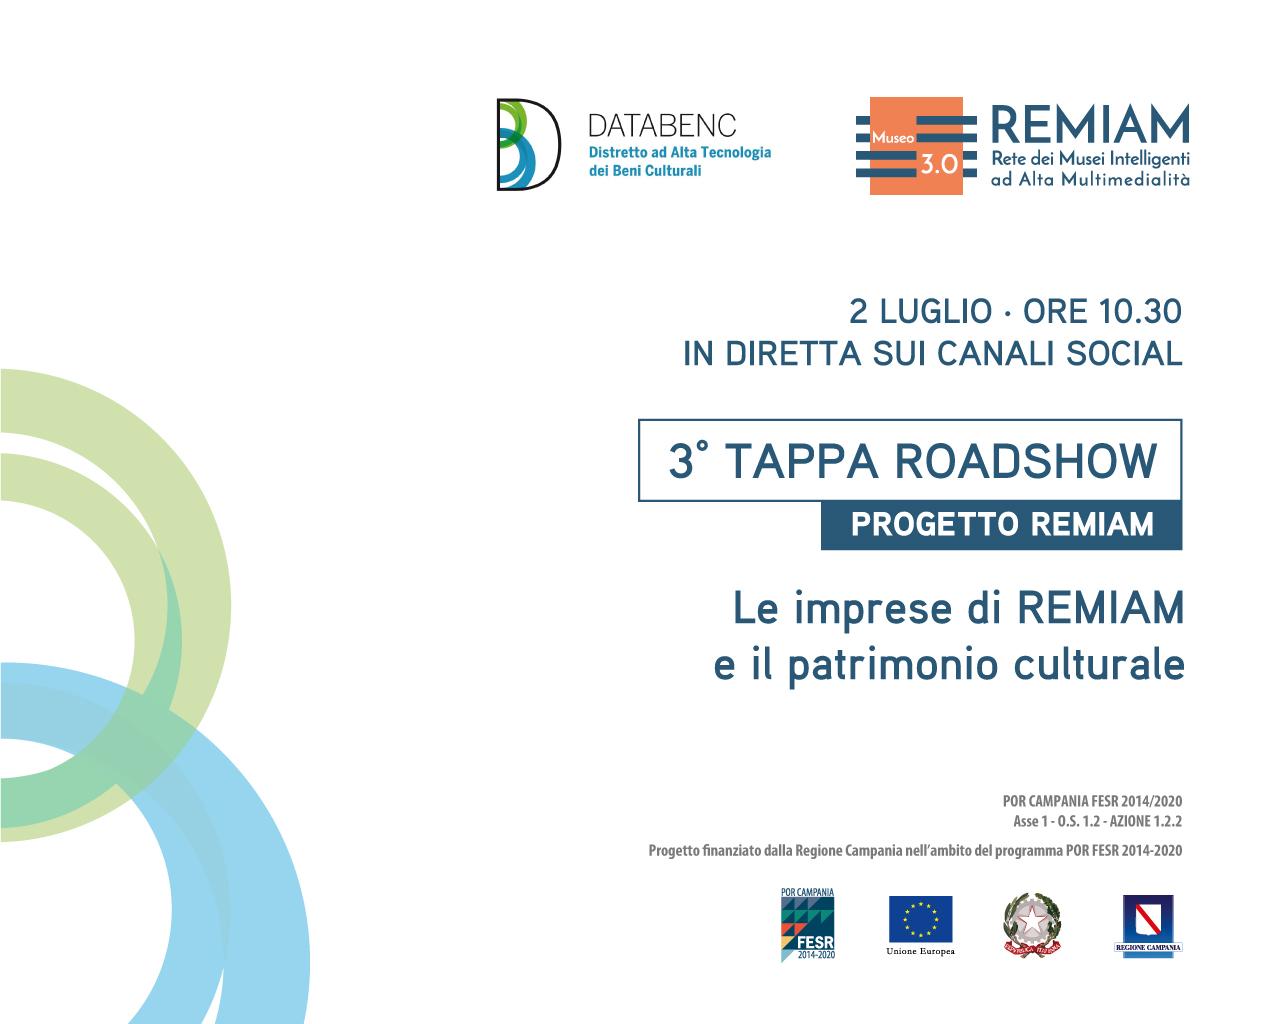 """""""Le imprese di REMIAM e il patrimonio culturale"""", venerdì 2 luglio terza tappa del roadshow del progetto REMIAM"""